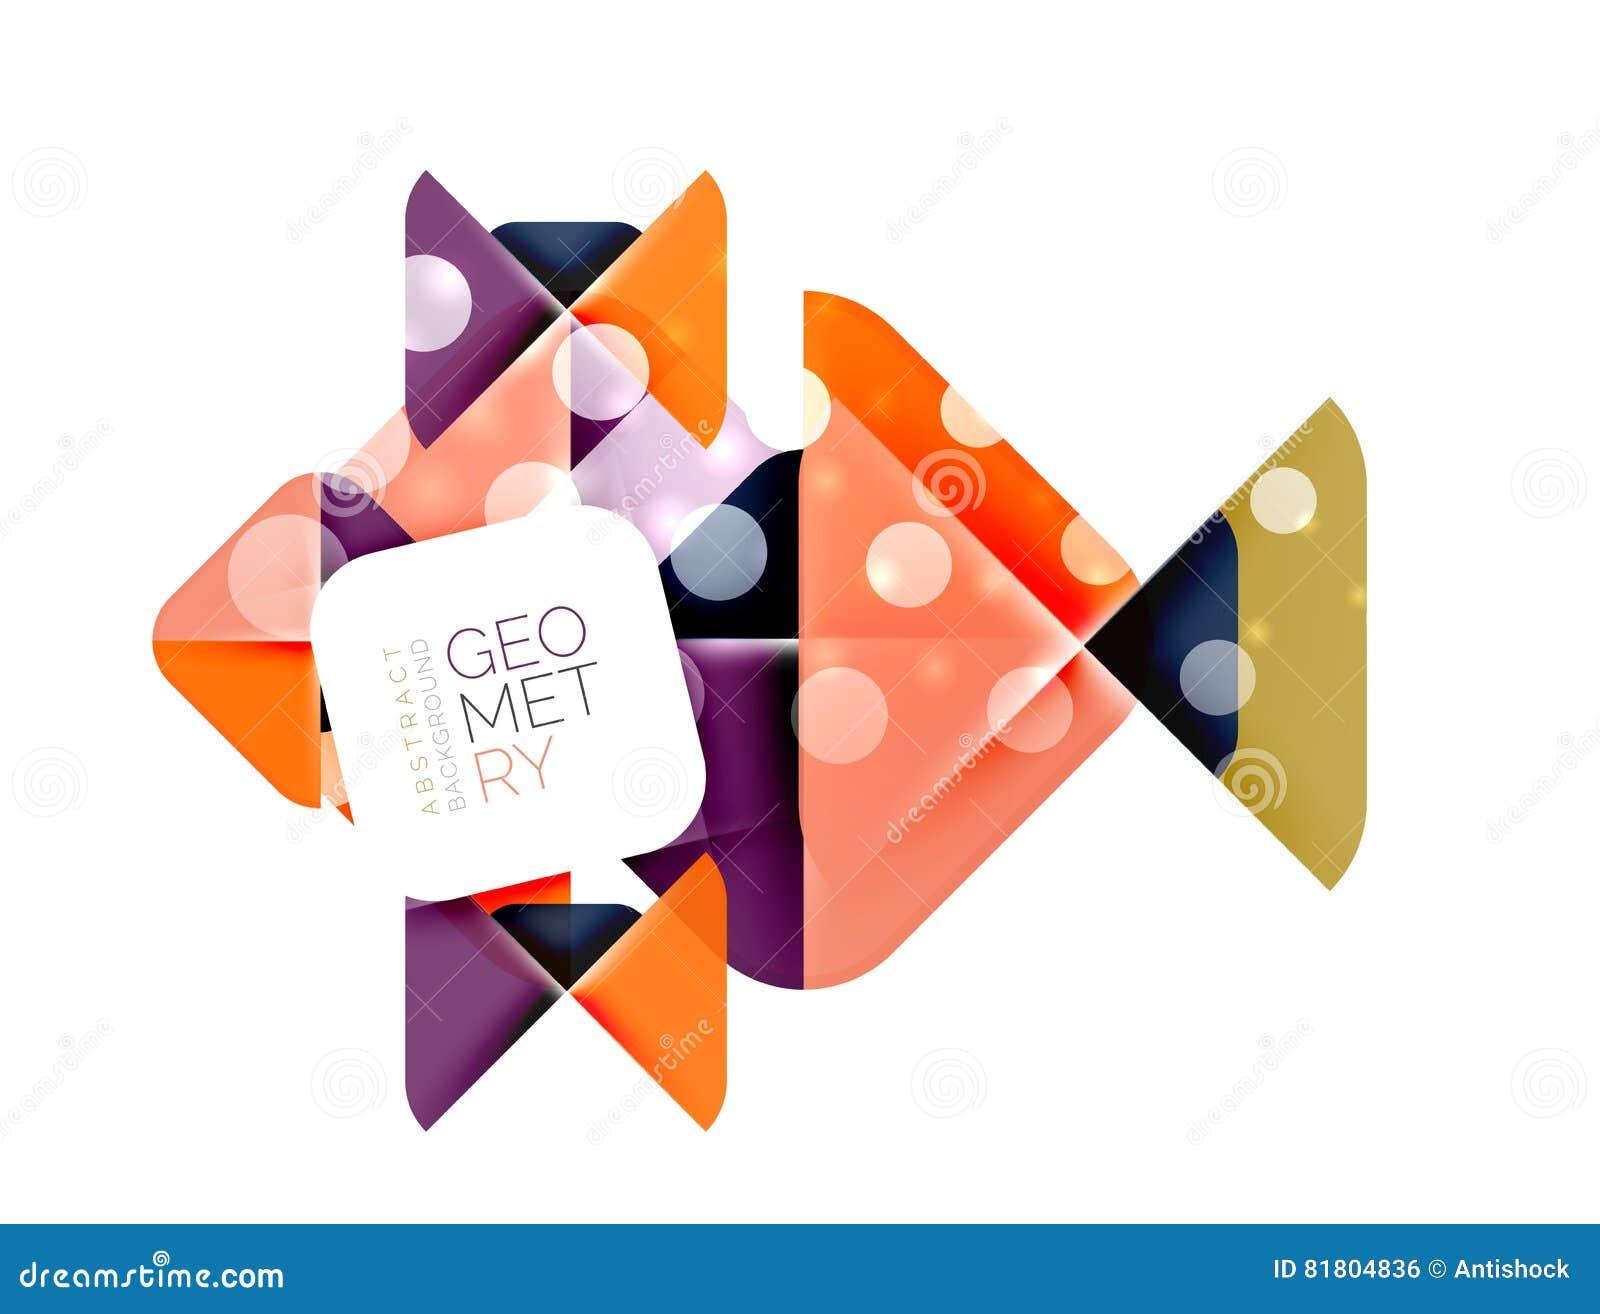 Современная квадратная абстрактная предпосылка